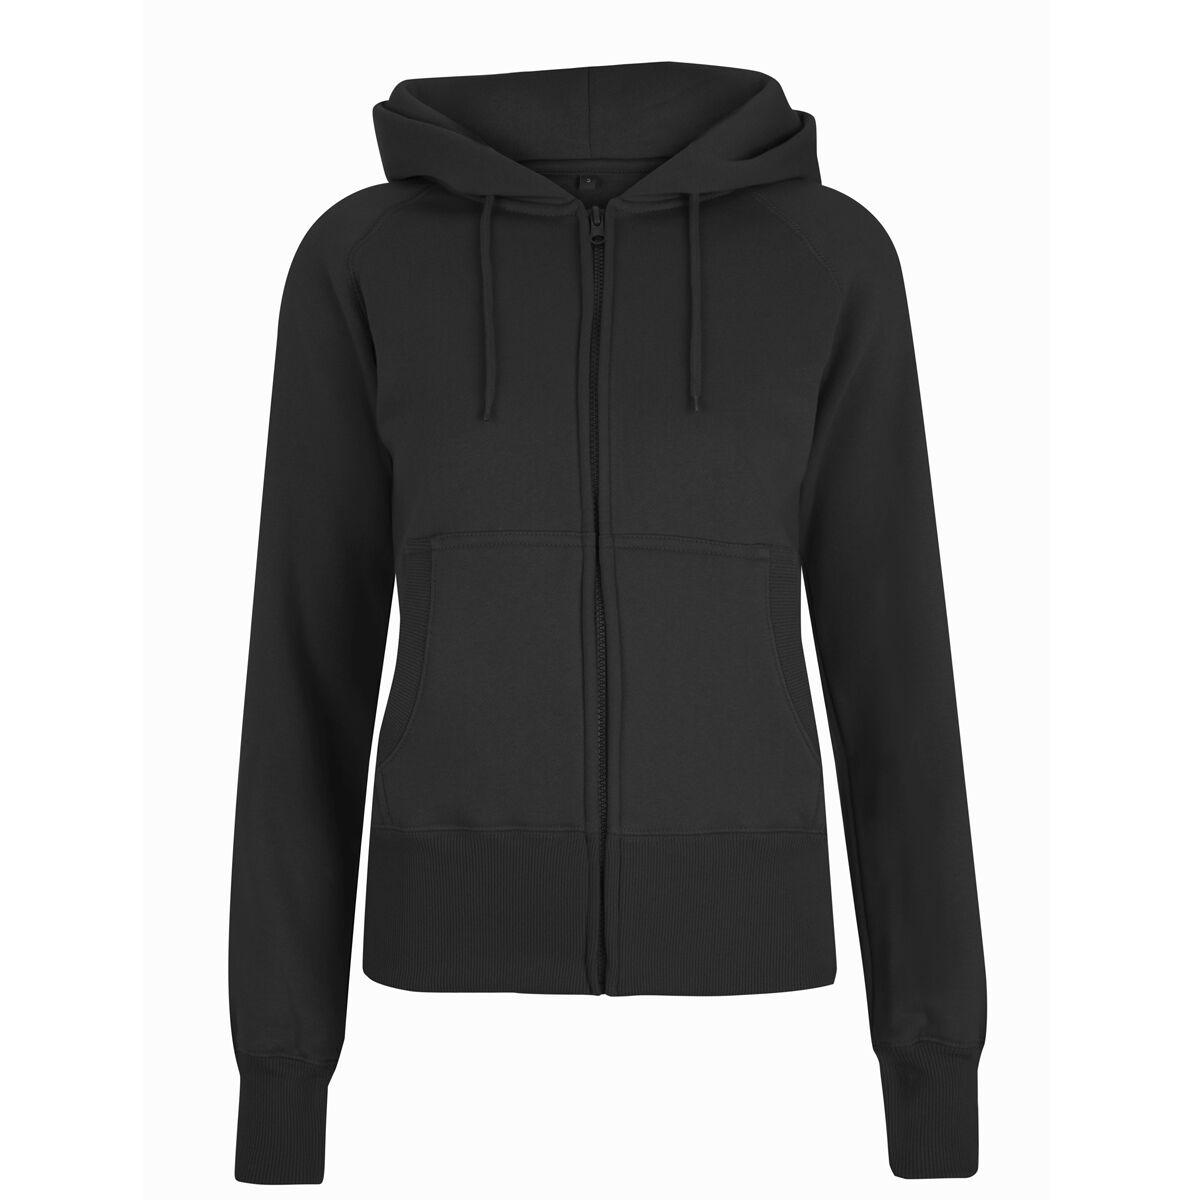 Women's Zip-Through Hooded Sweatshirt -Black